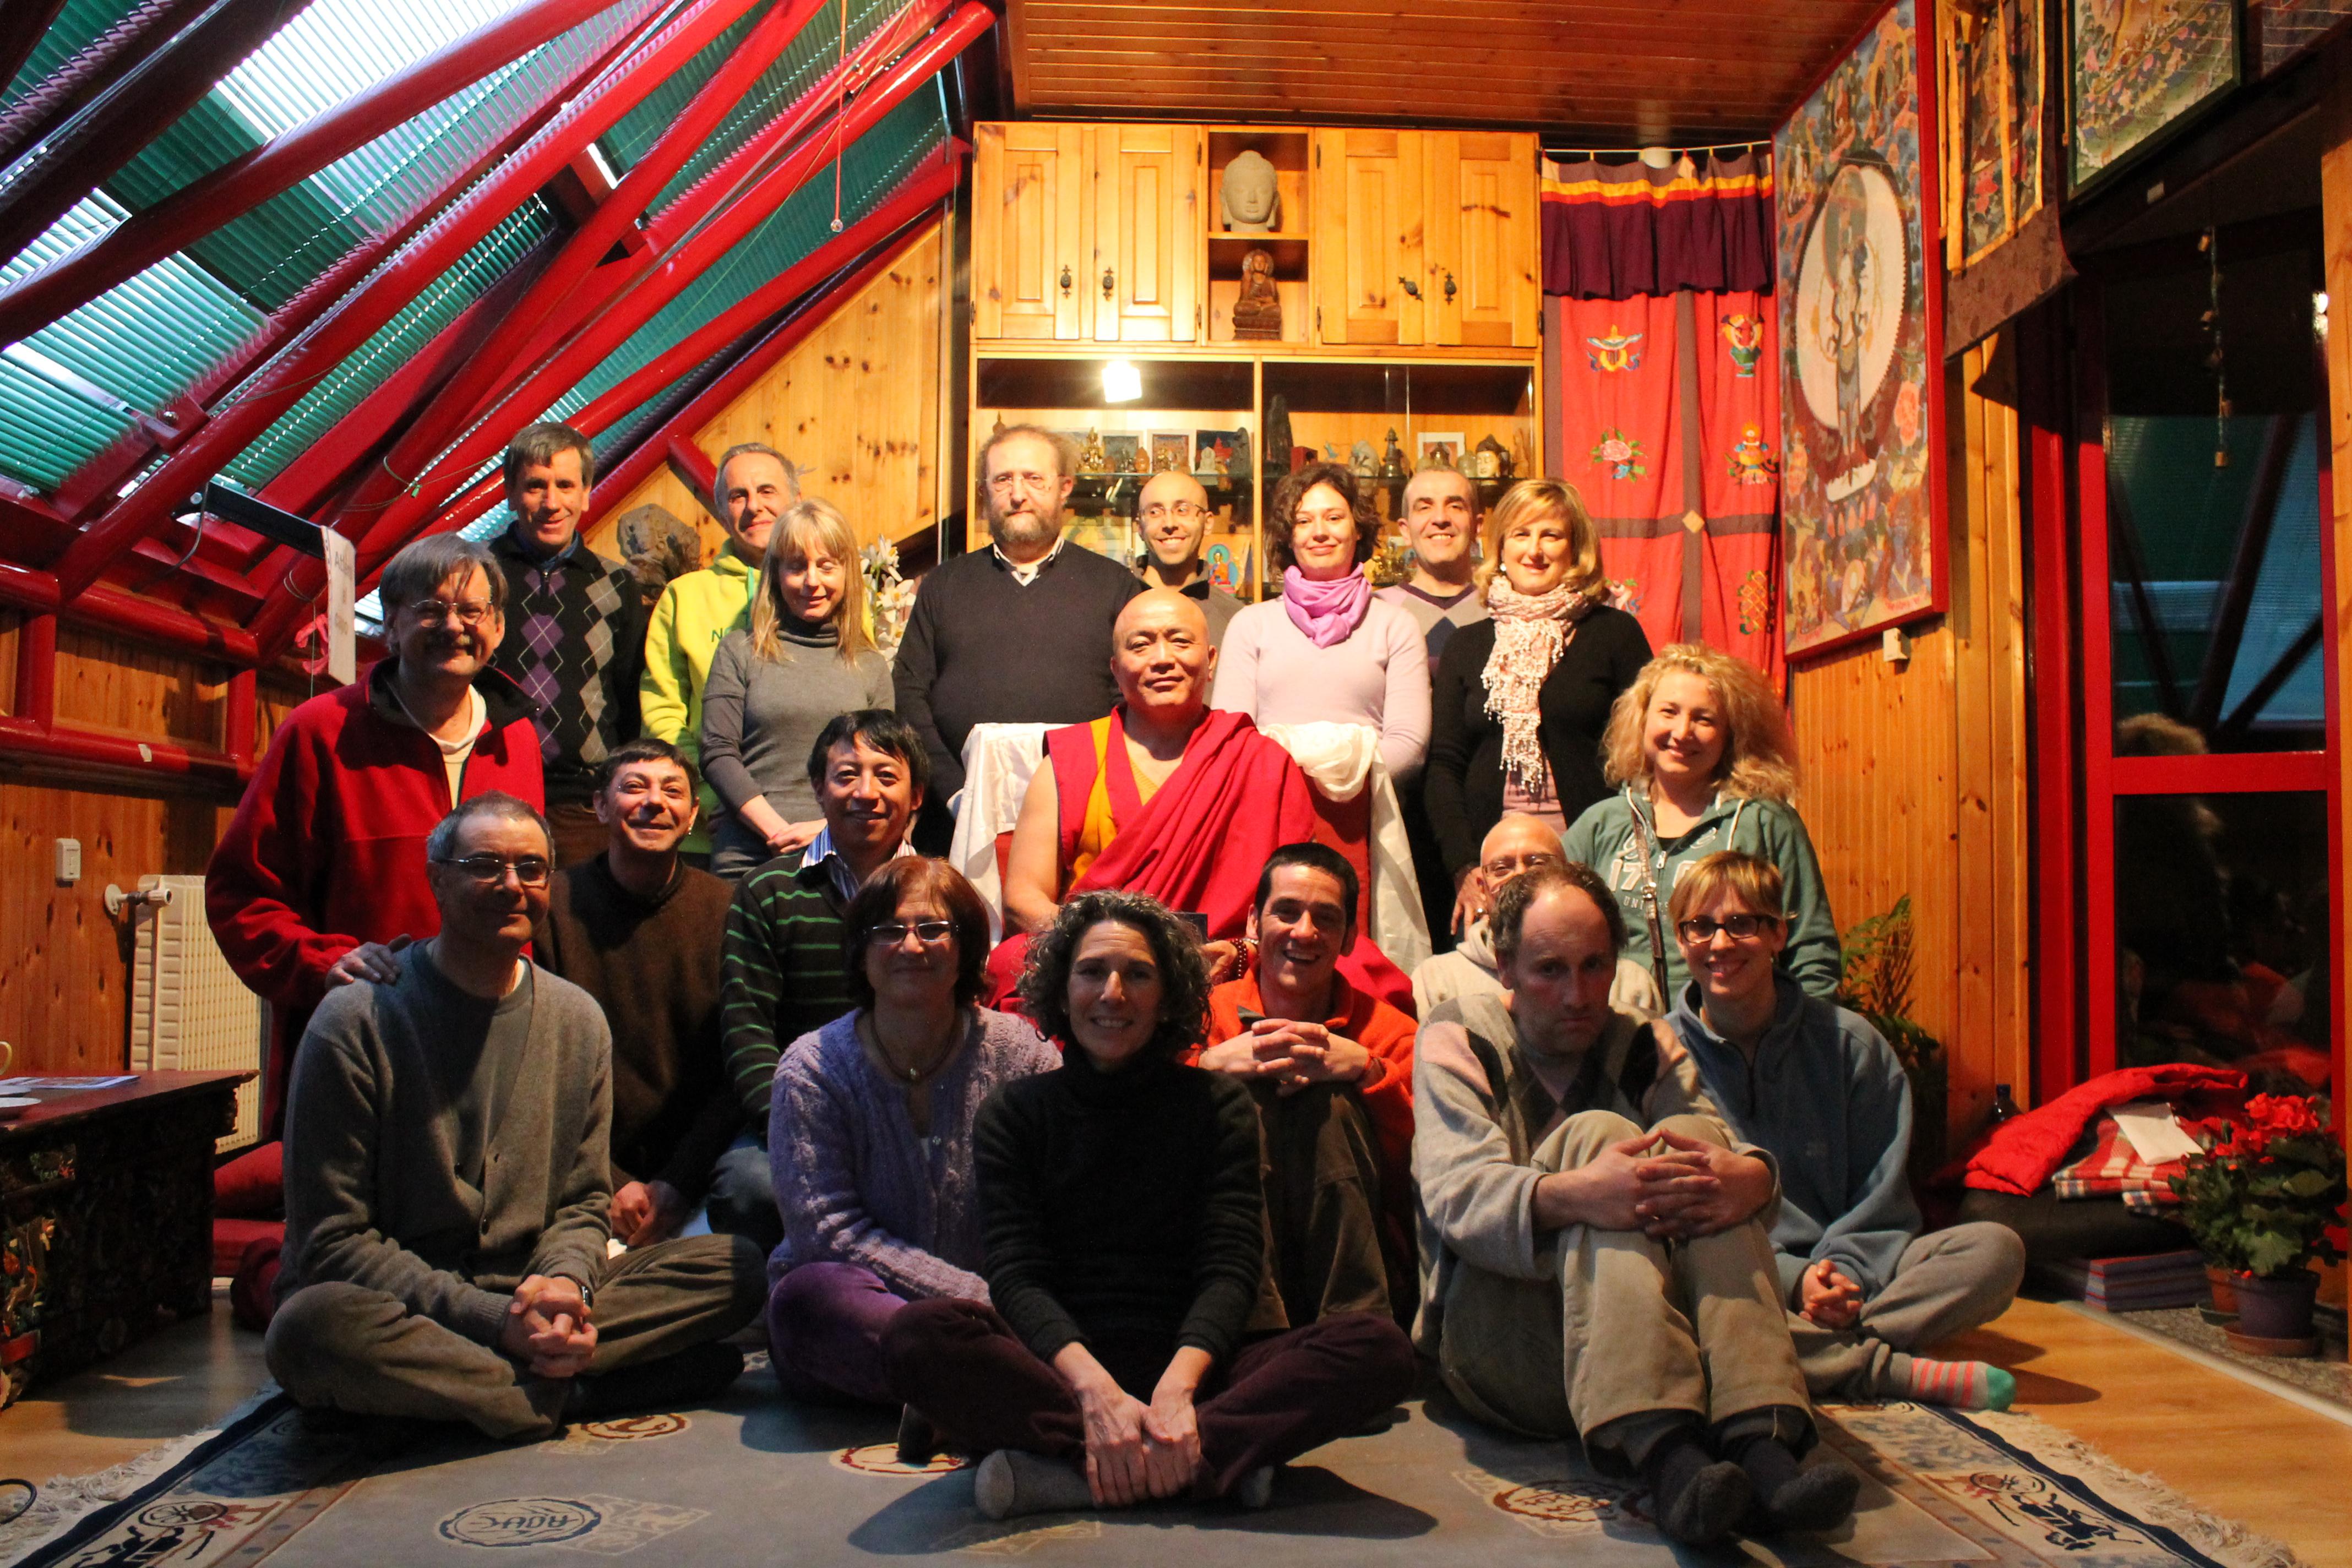 Il Ven. Ghesce Tenzin Tenphel coi partecipanti al suo insegnamento al Centro Studi Tibetani Sangye Cioeling di Sondrio il 16 marzo 2013.